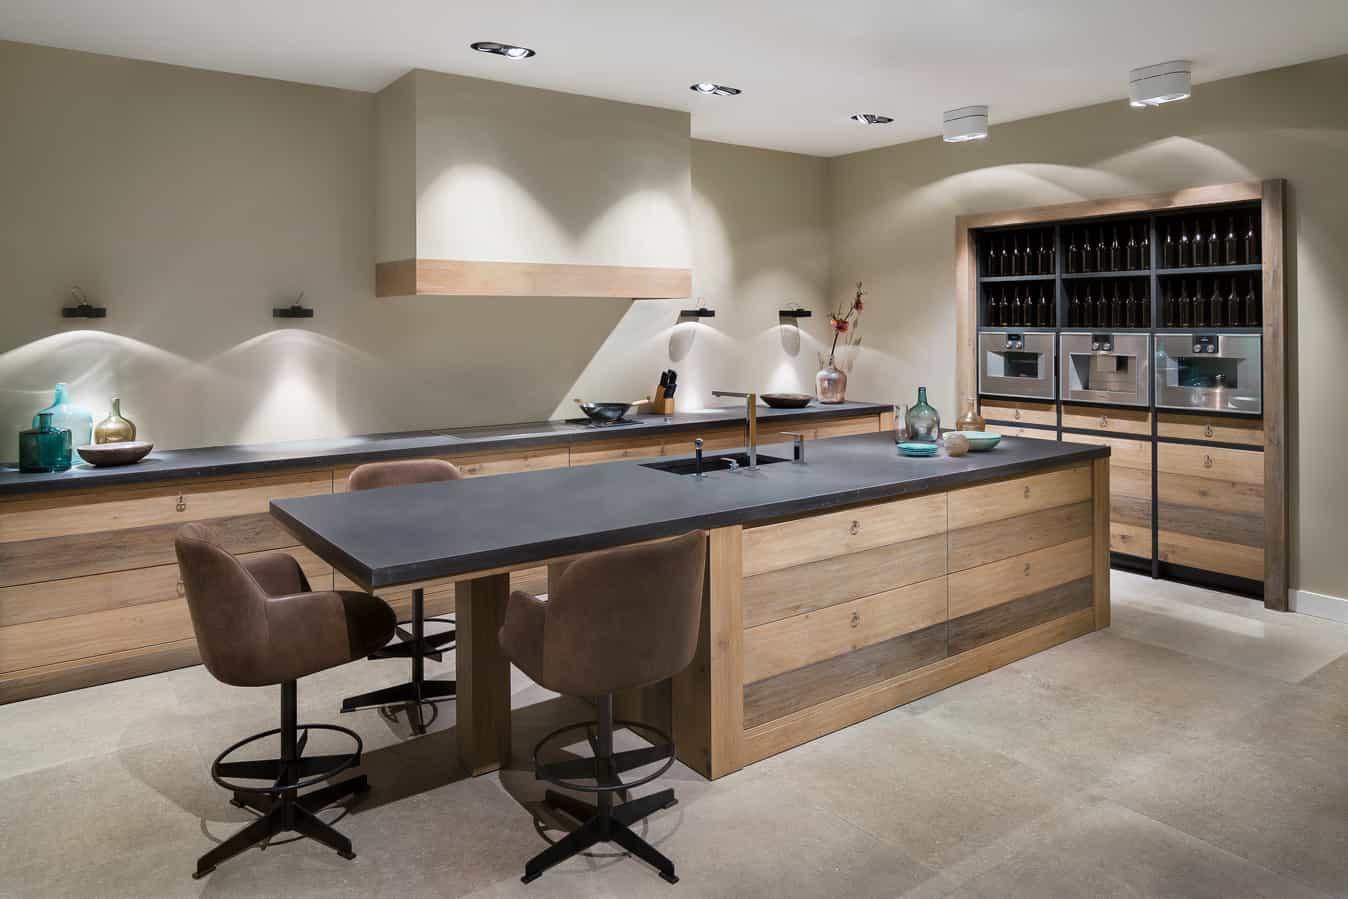 Design keuken beton